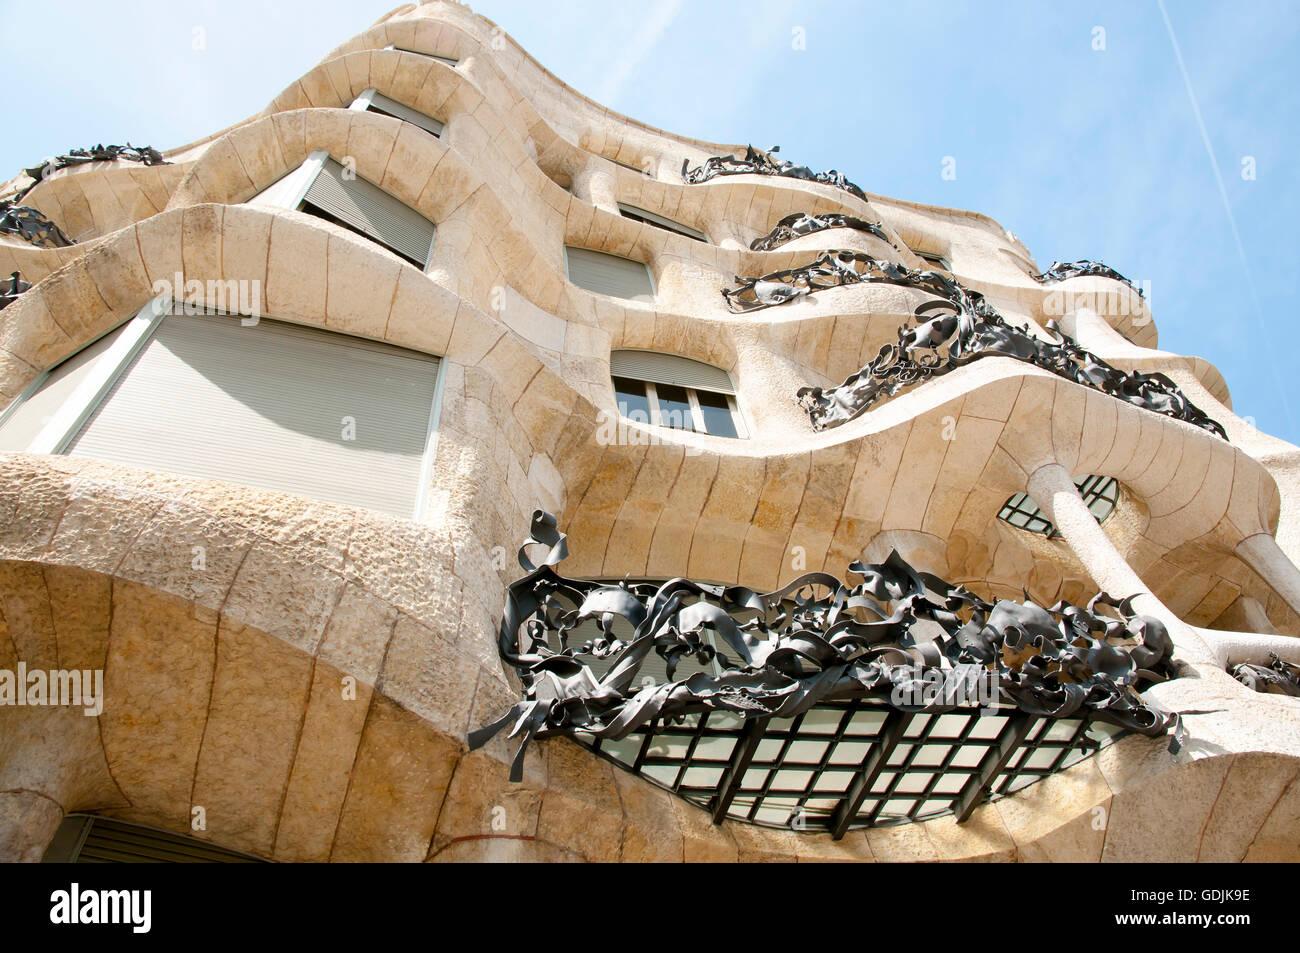 La Pedrera Casa Mila) - Barcellona - Spagna Immagini Stock